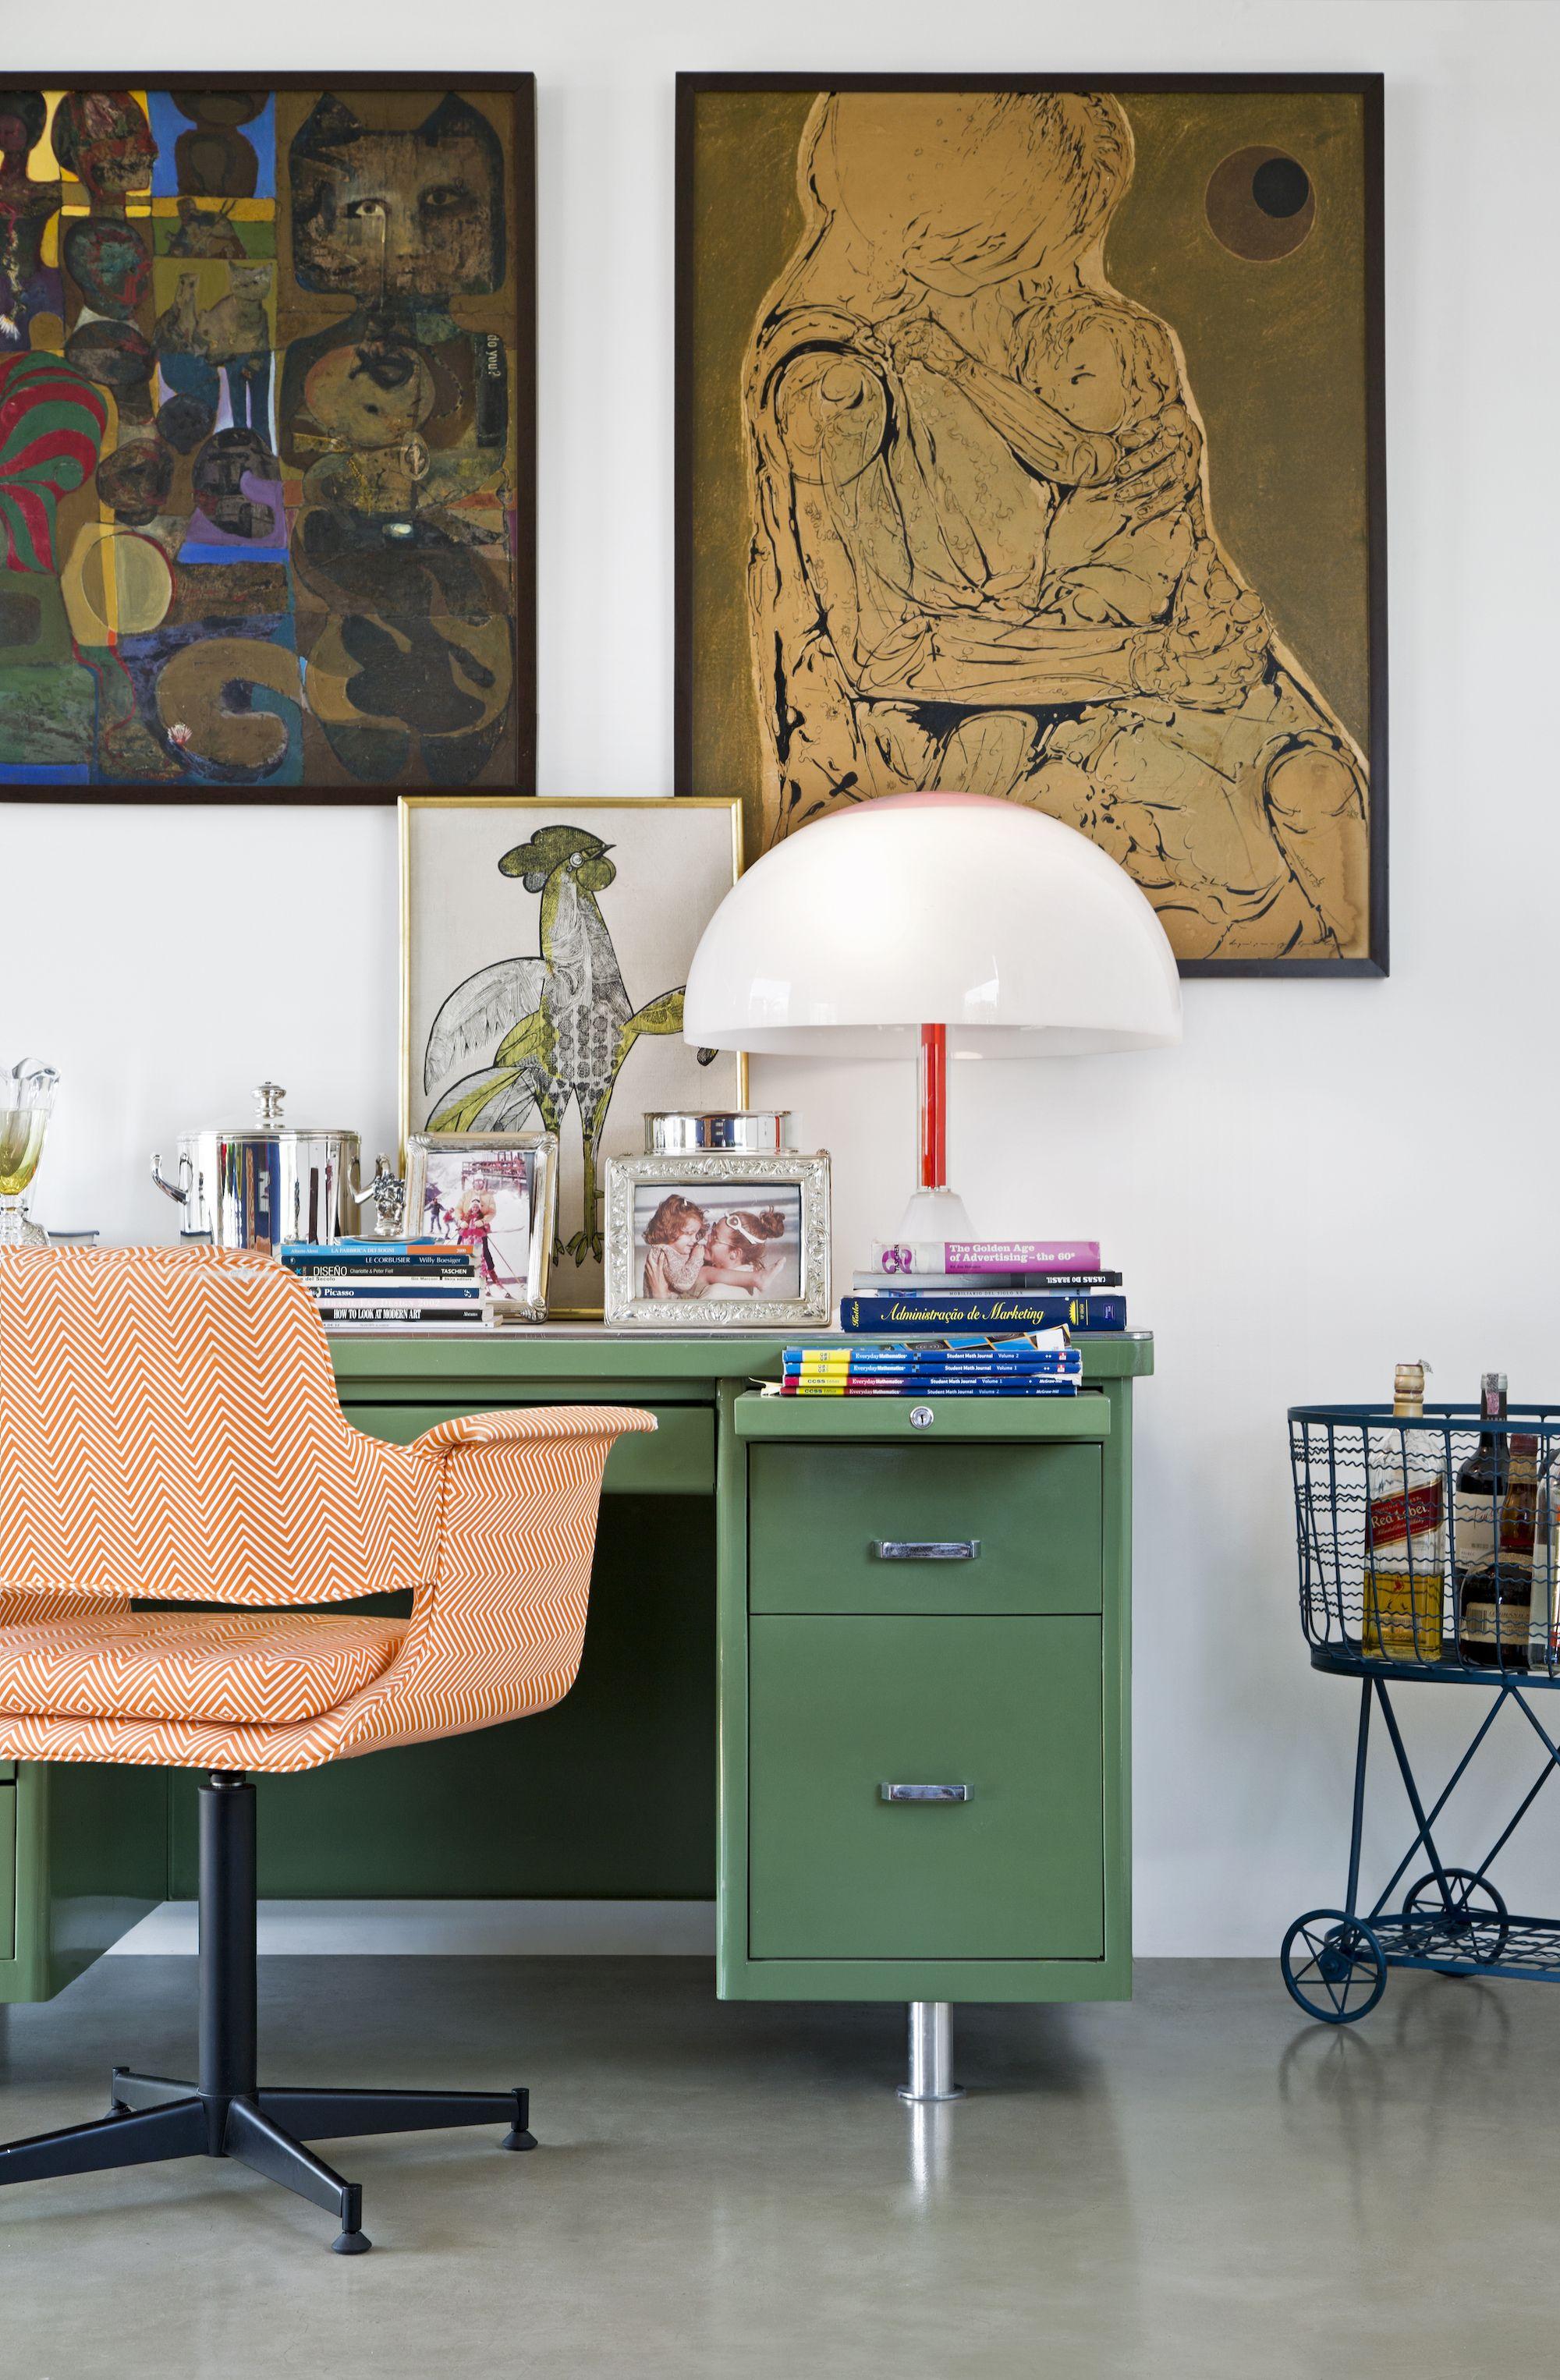 Wunderbar Alexandra Tobler, Creative Director Von Westwing Brasilien Zeigt Uns Ihren  Farbenfrohen Arbeitsplatz! Toll Wie